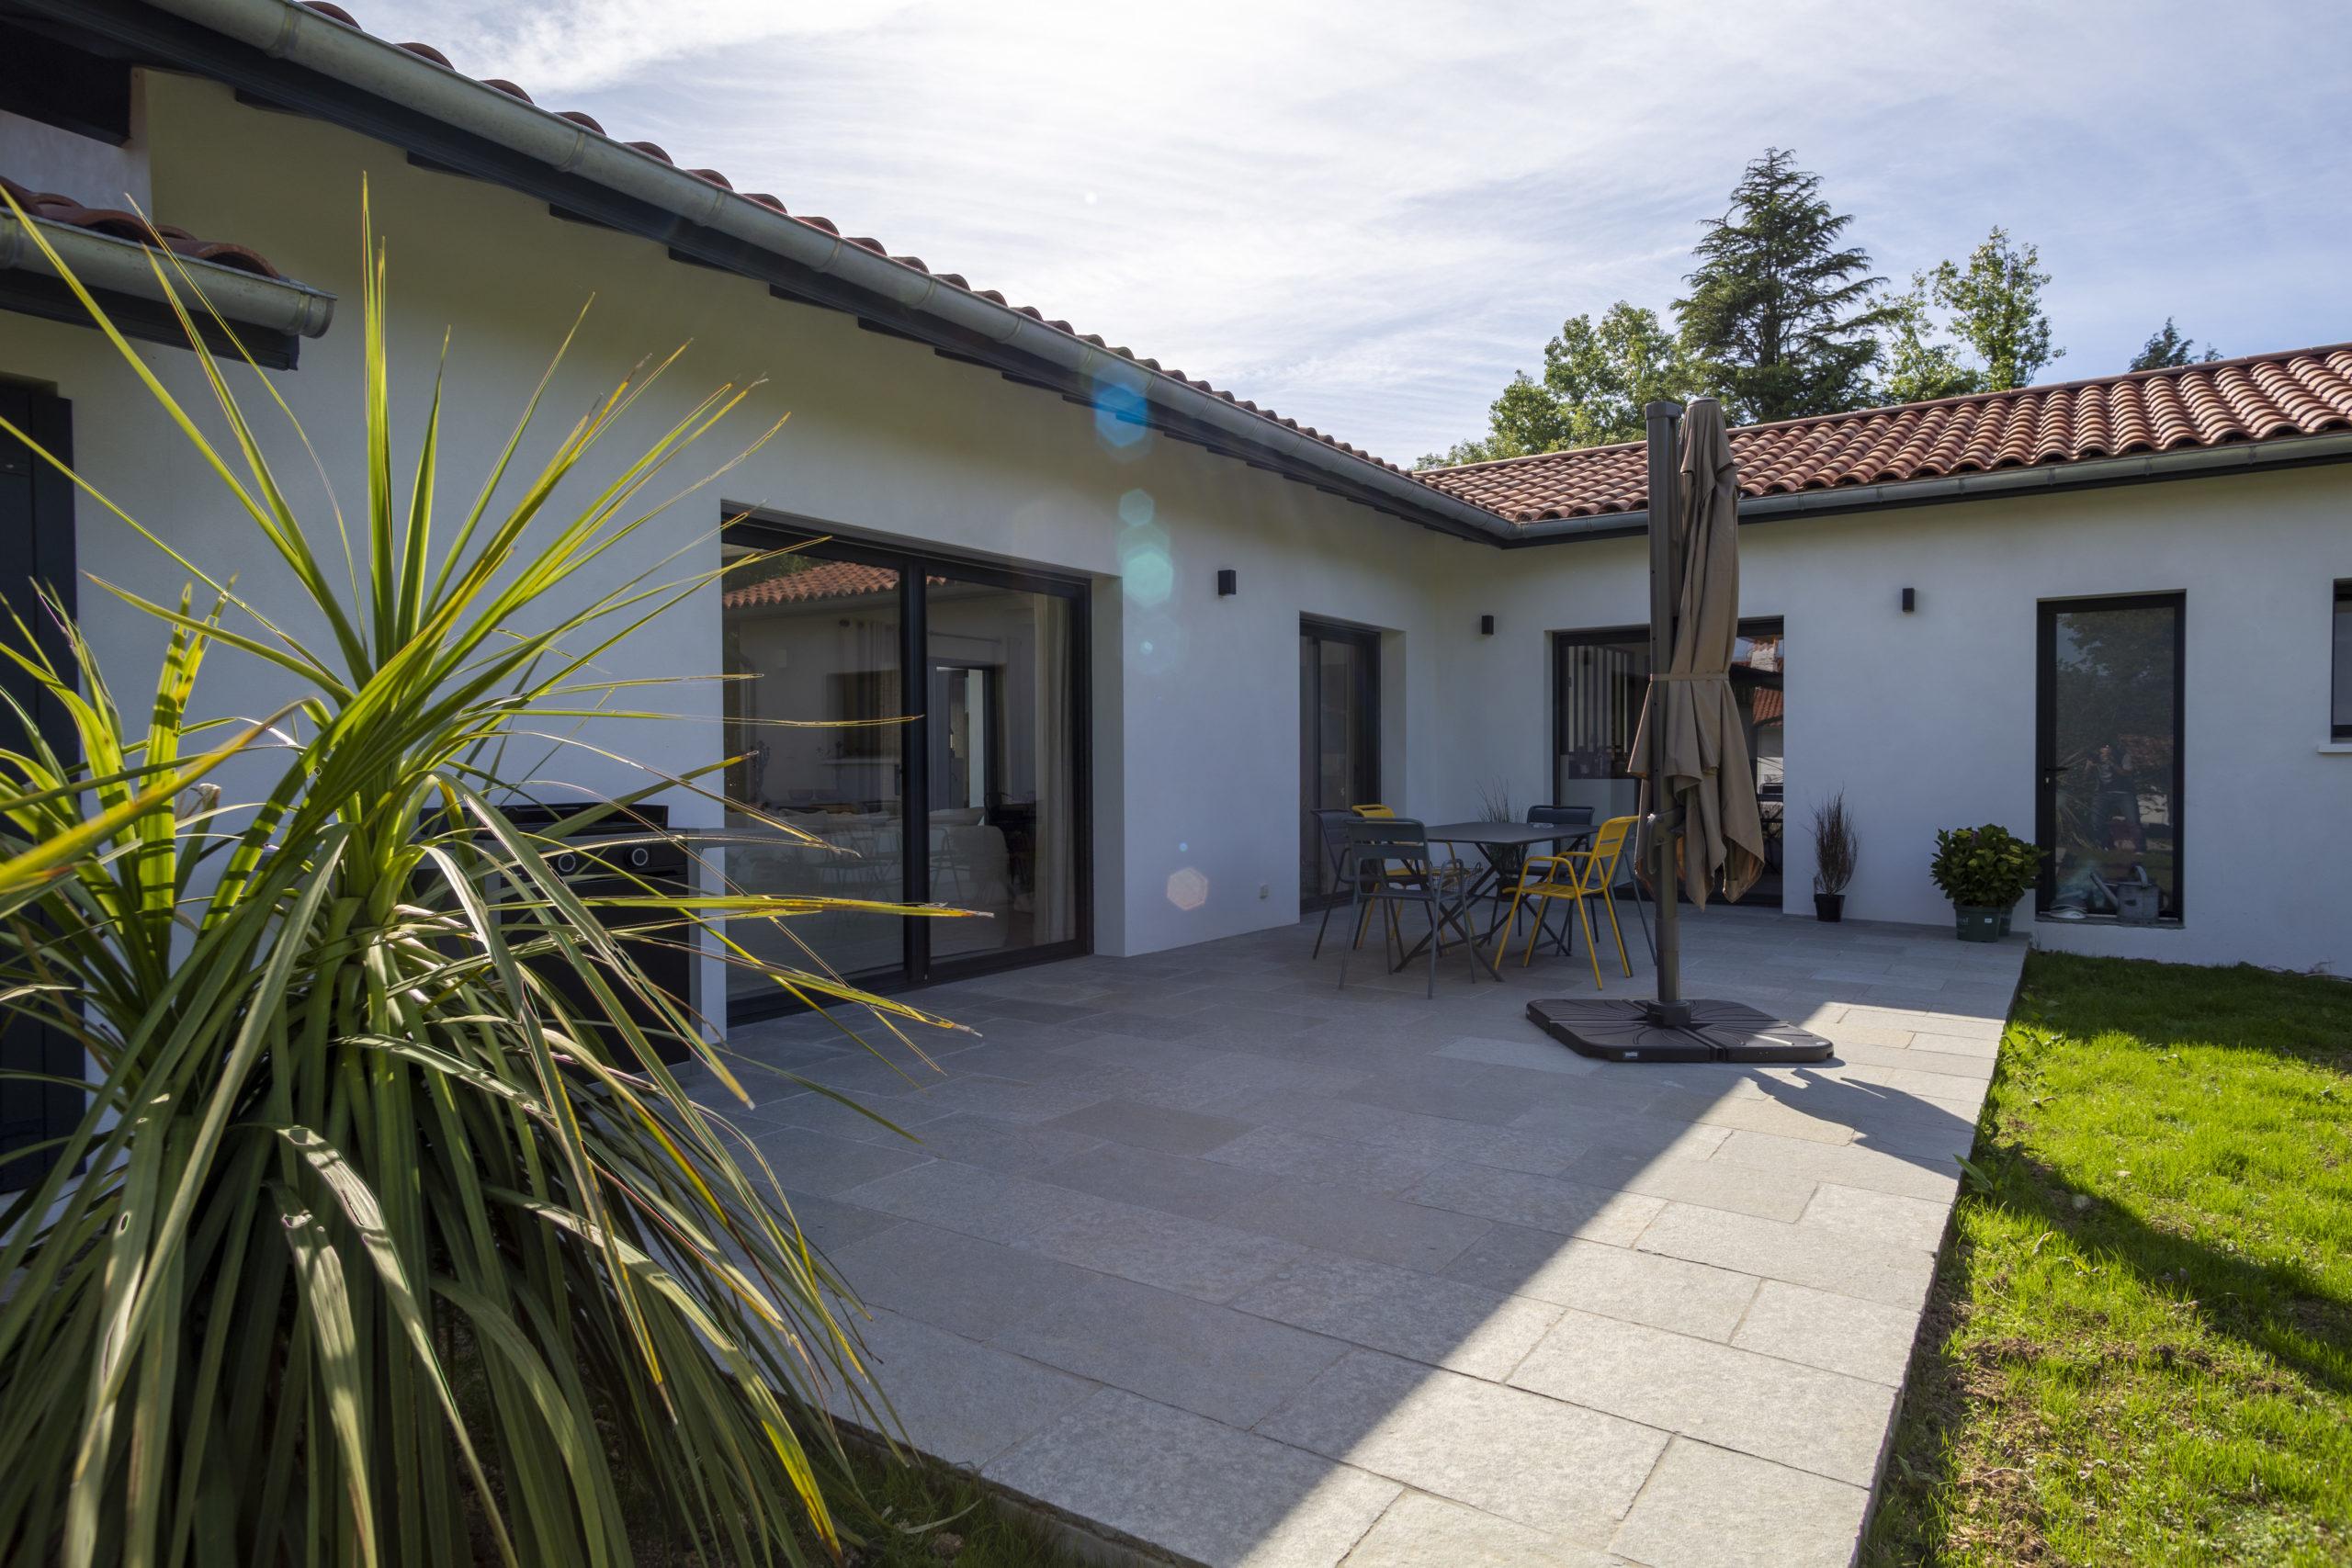 Atelier-Plurielles-Architectures-Construction maison Basque à Hendaye- terrasse